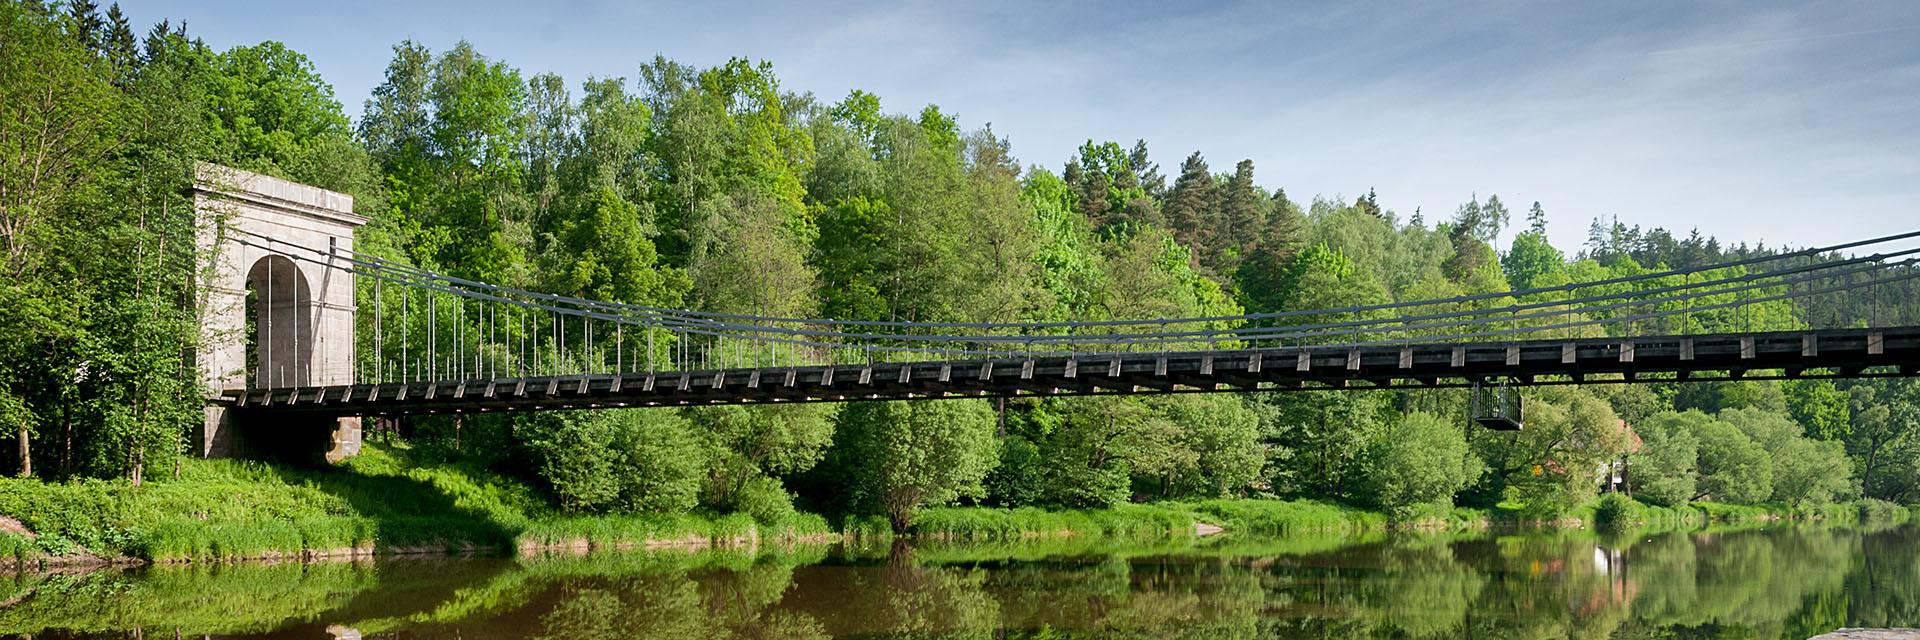 řetězový most u Stádlece / fotografování architektury / fotograf Vojtěch Pavelčík